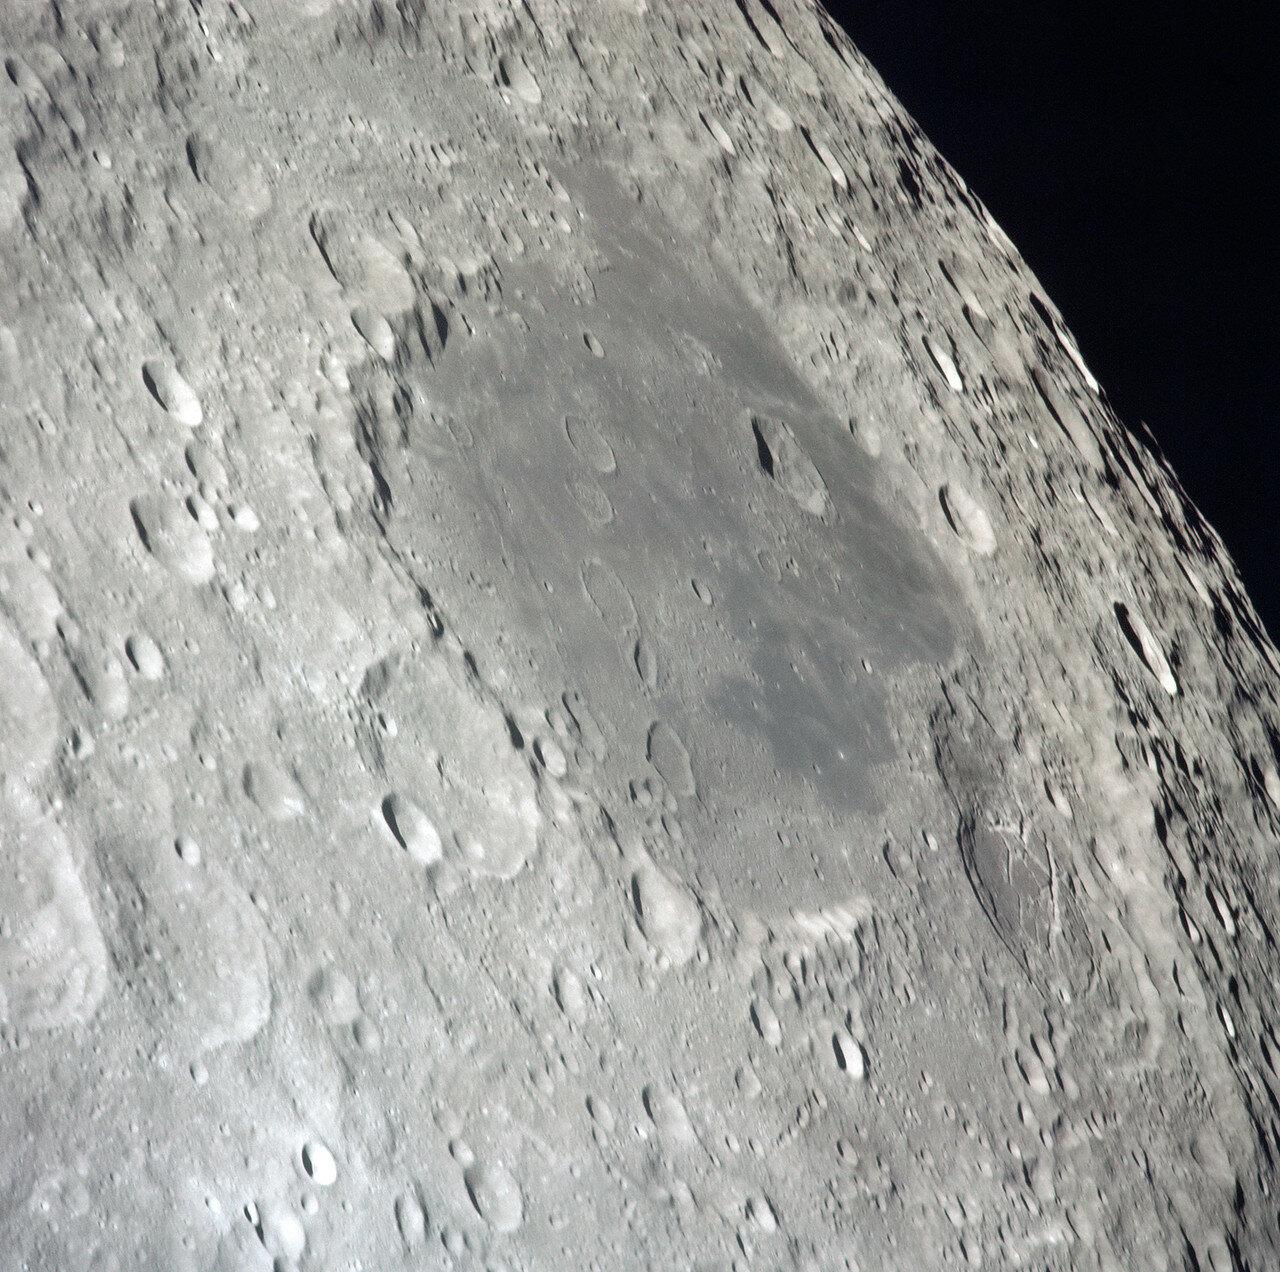 На снимке: Обратная сторона Луны. Море Москвы